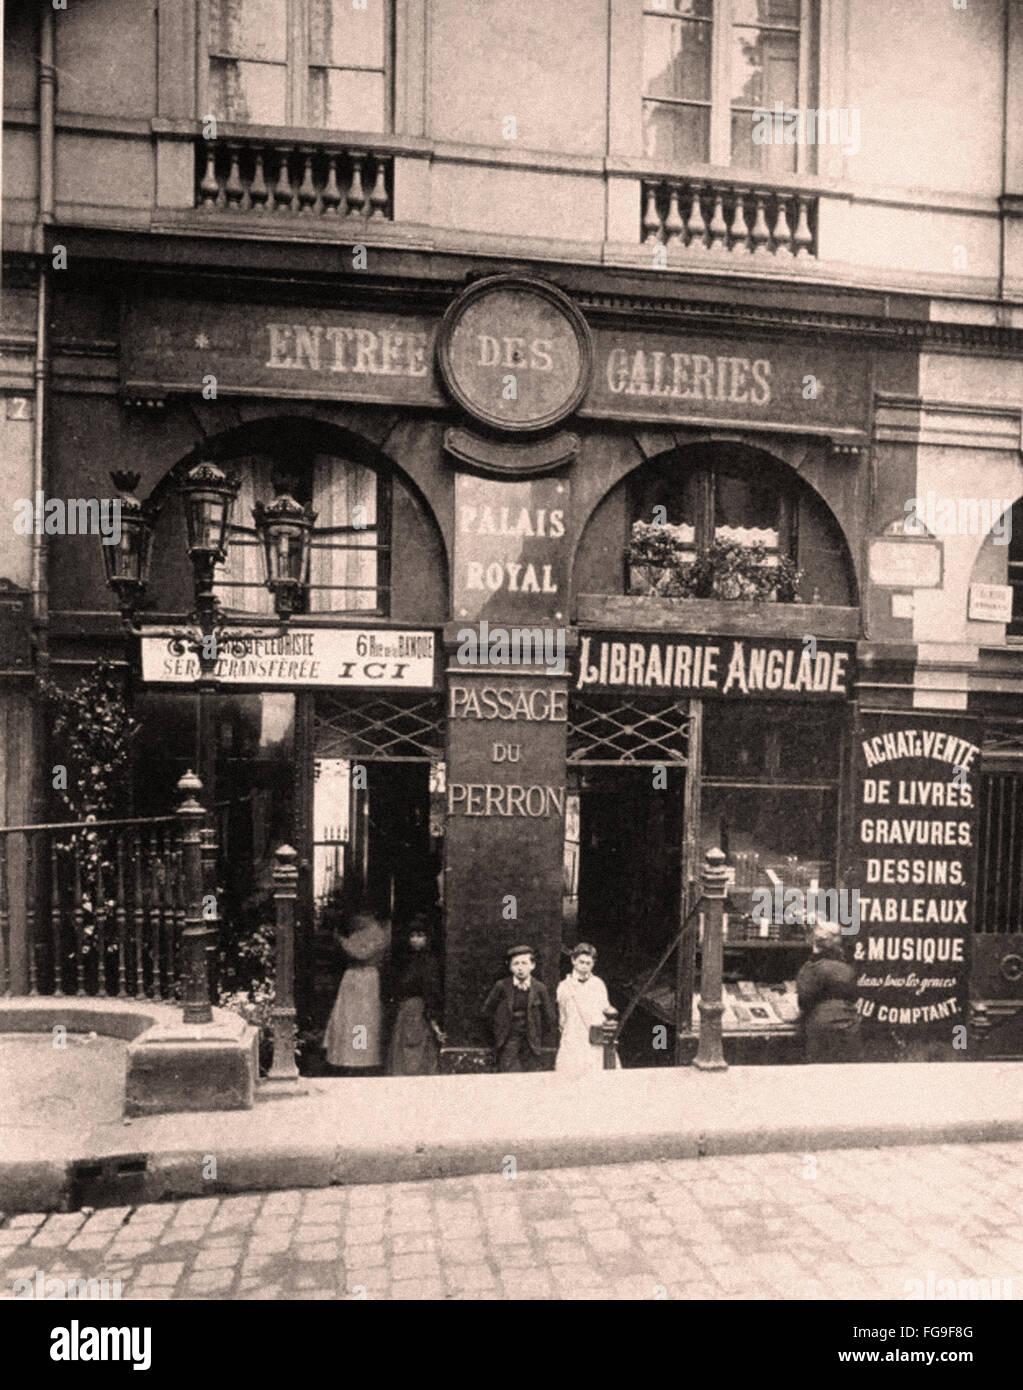 Escenas Callejeras de París a principios del siglo XX Imagen De Stock